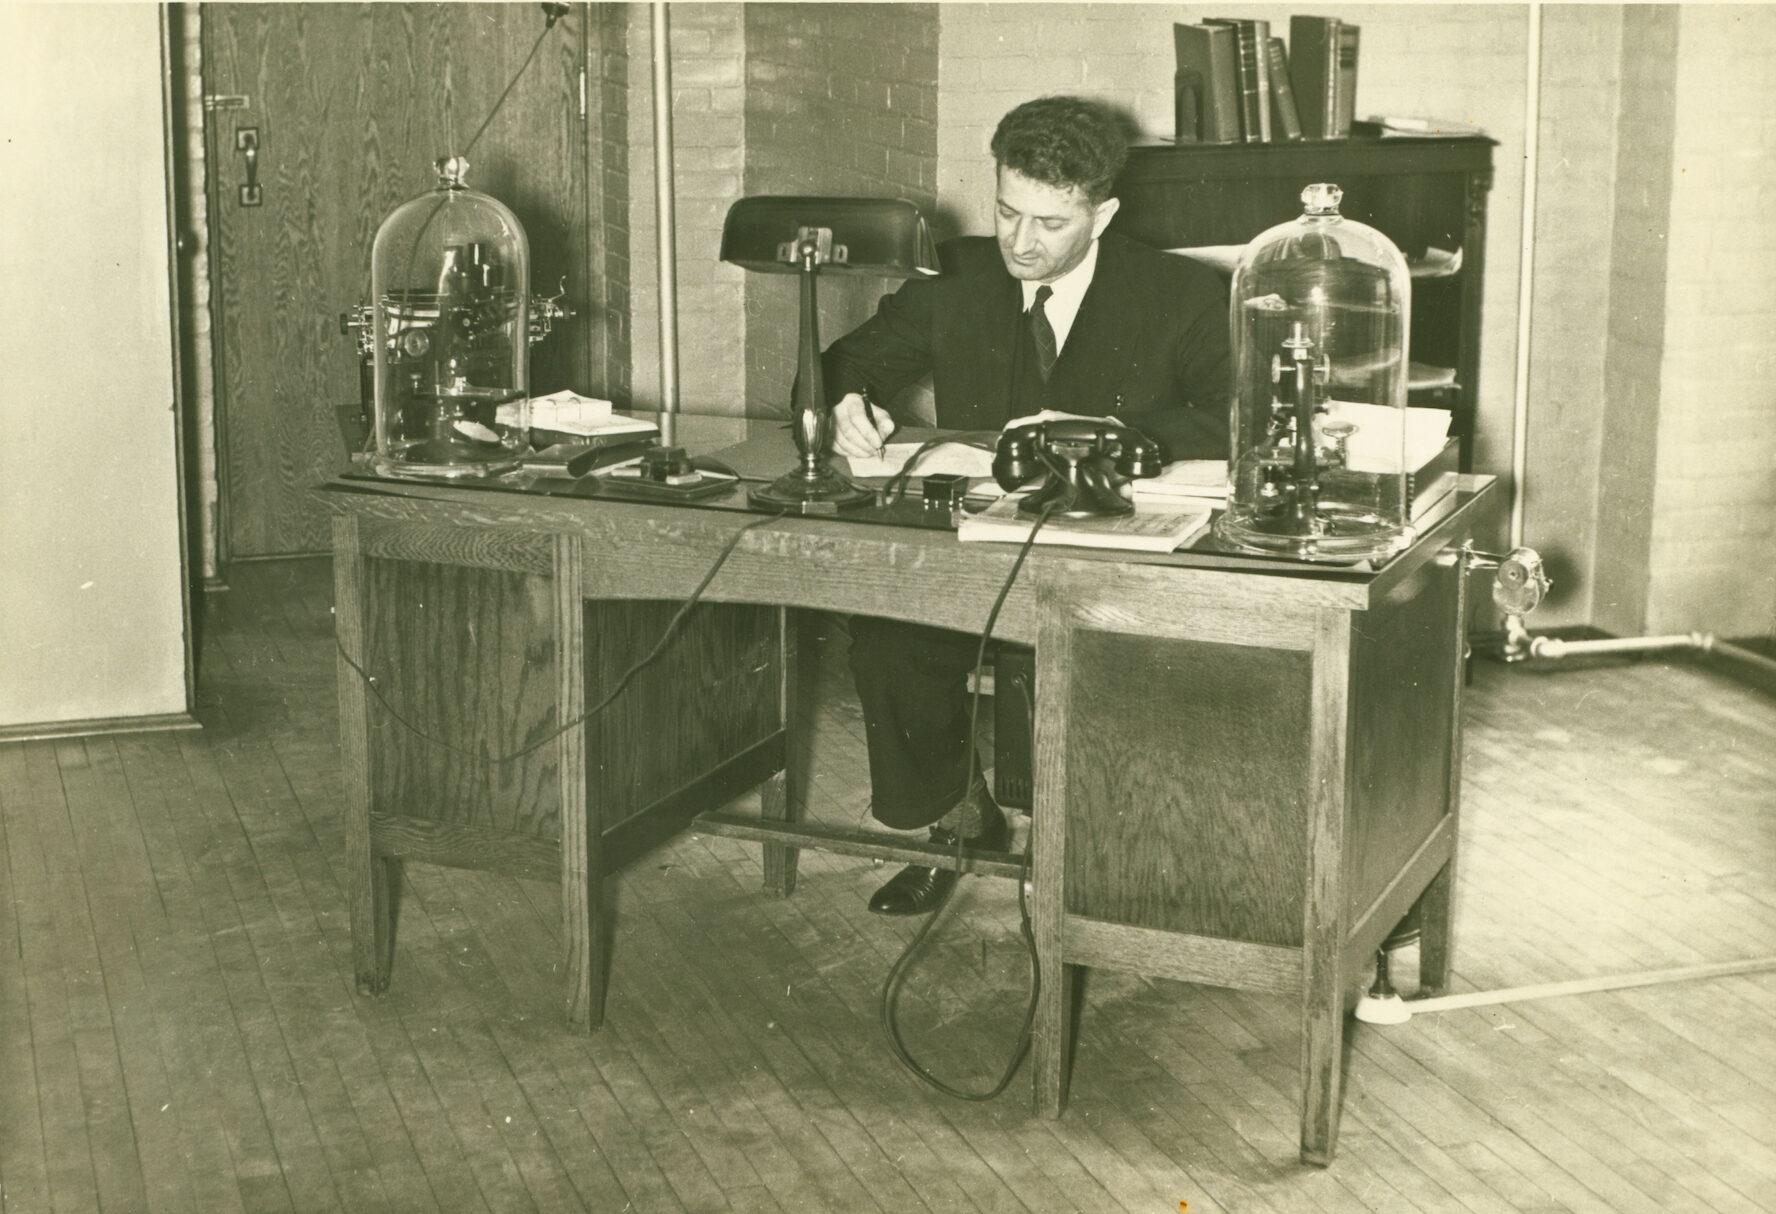 Dr. Shankweiler at his desk, circa 1930s